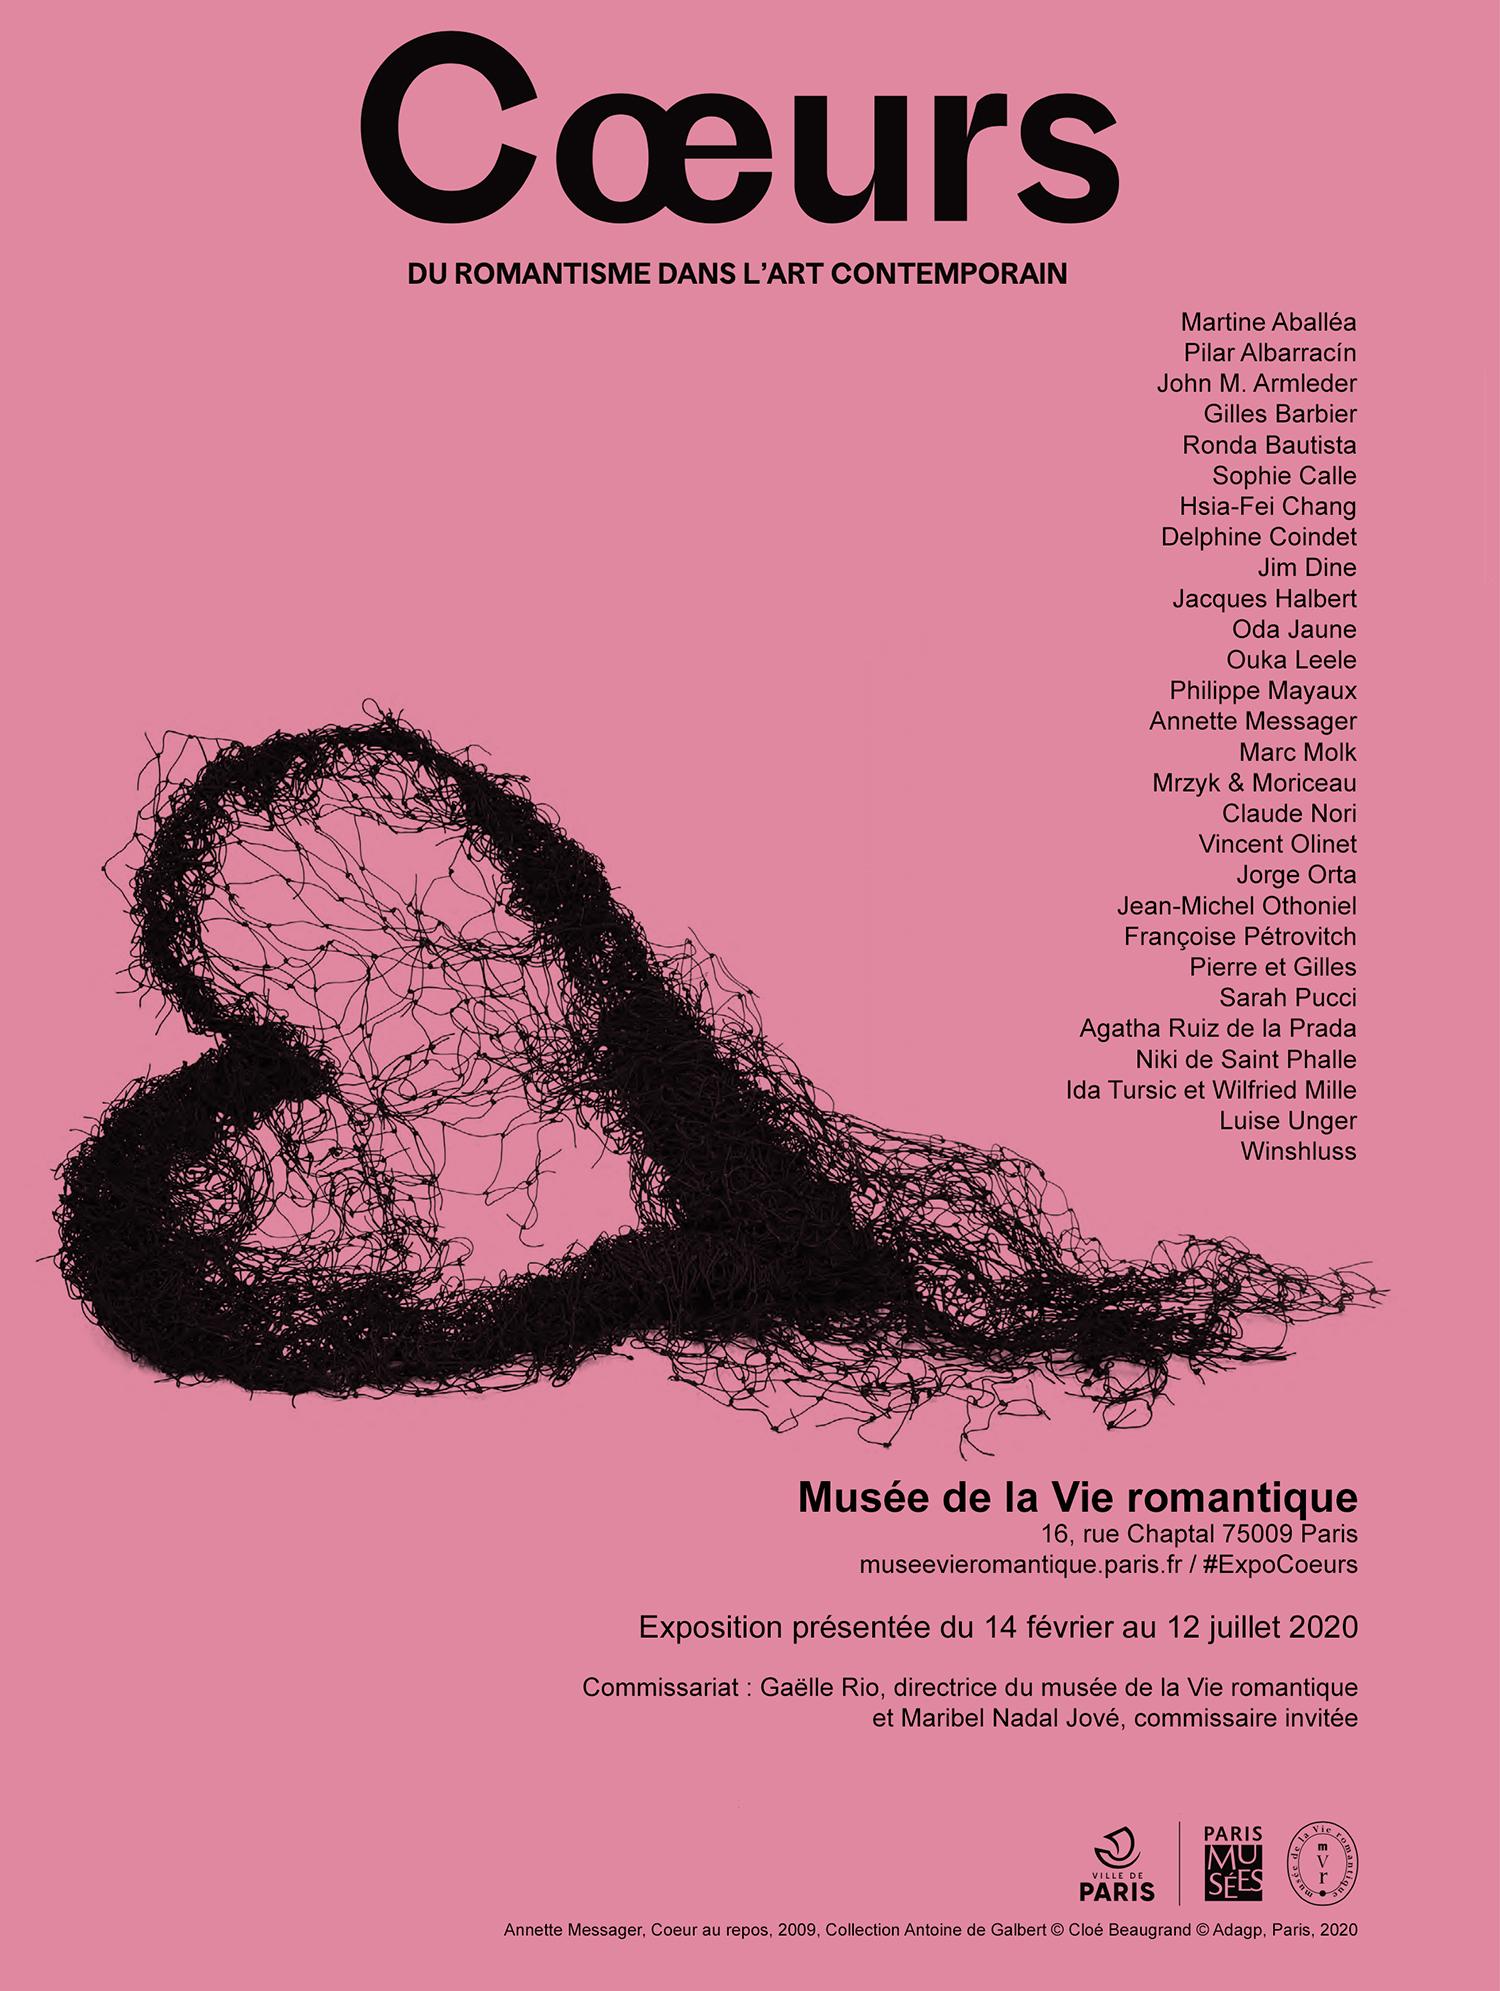 Coeurs, Musée de la vie romantique, Paris